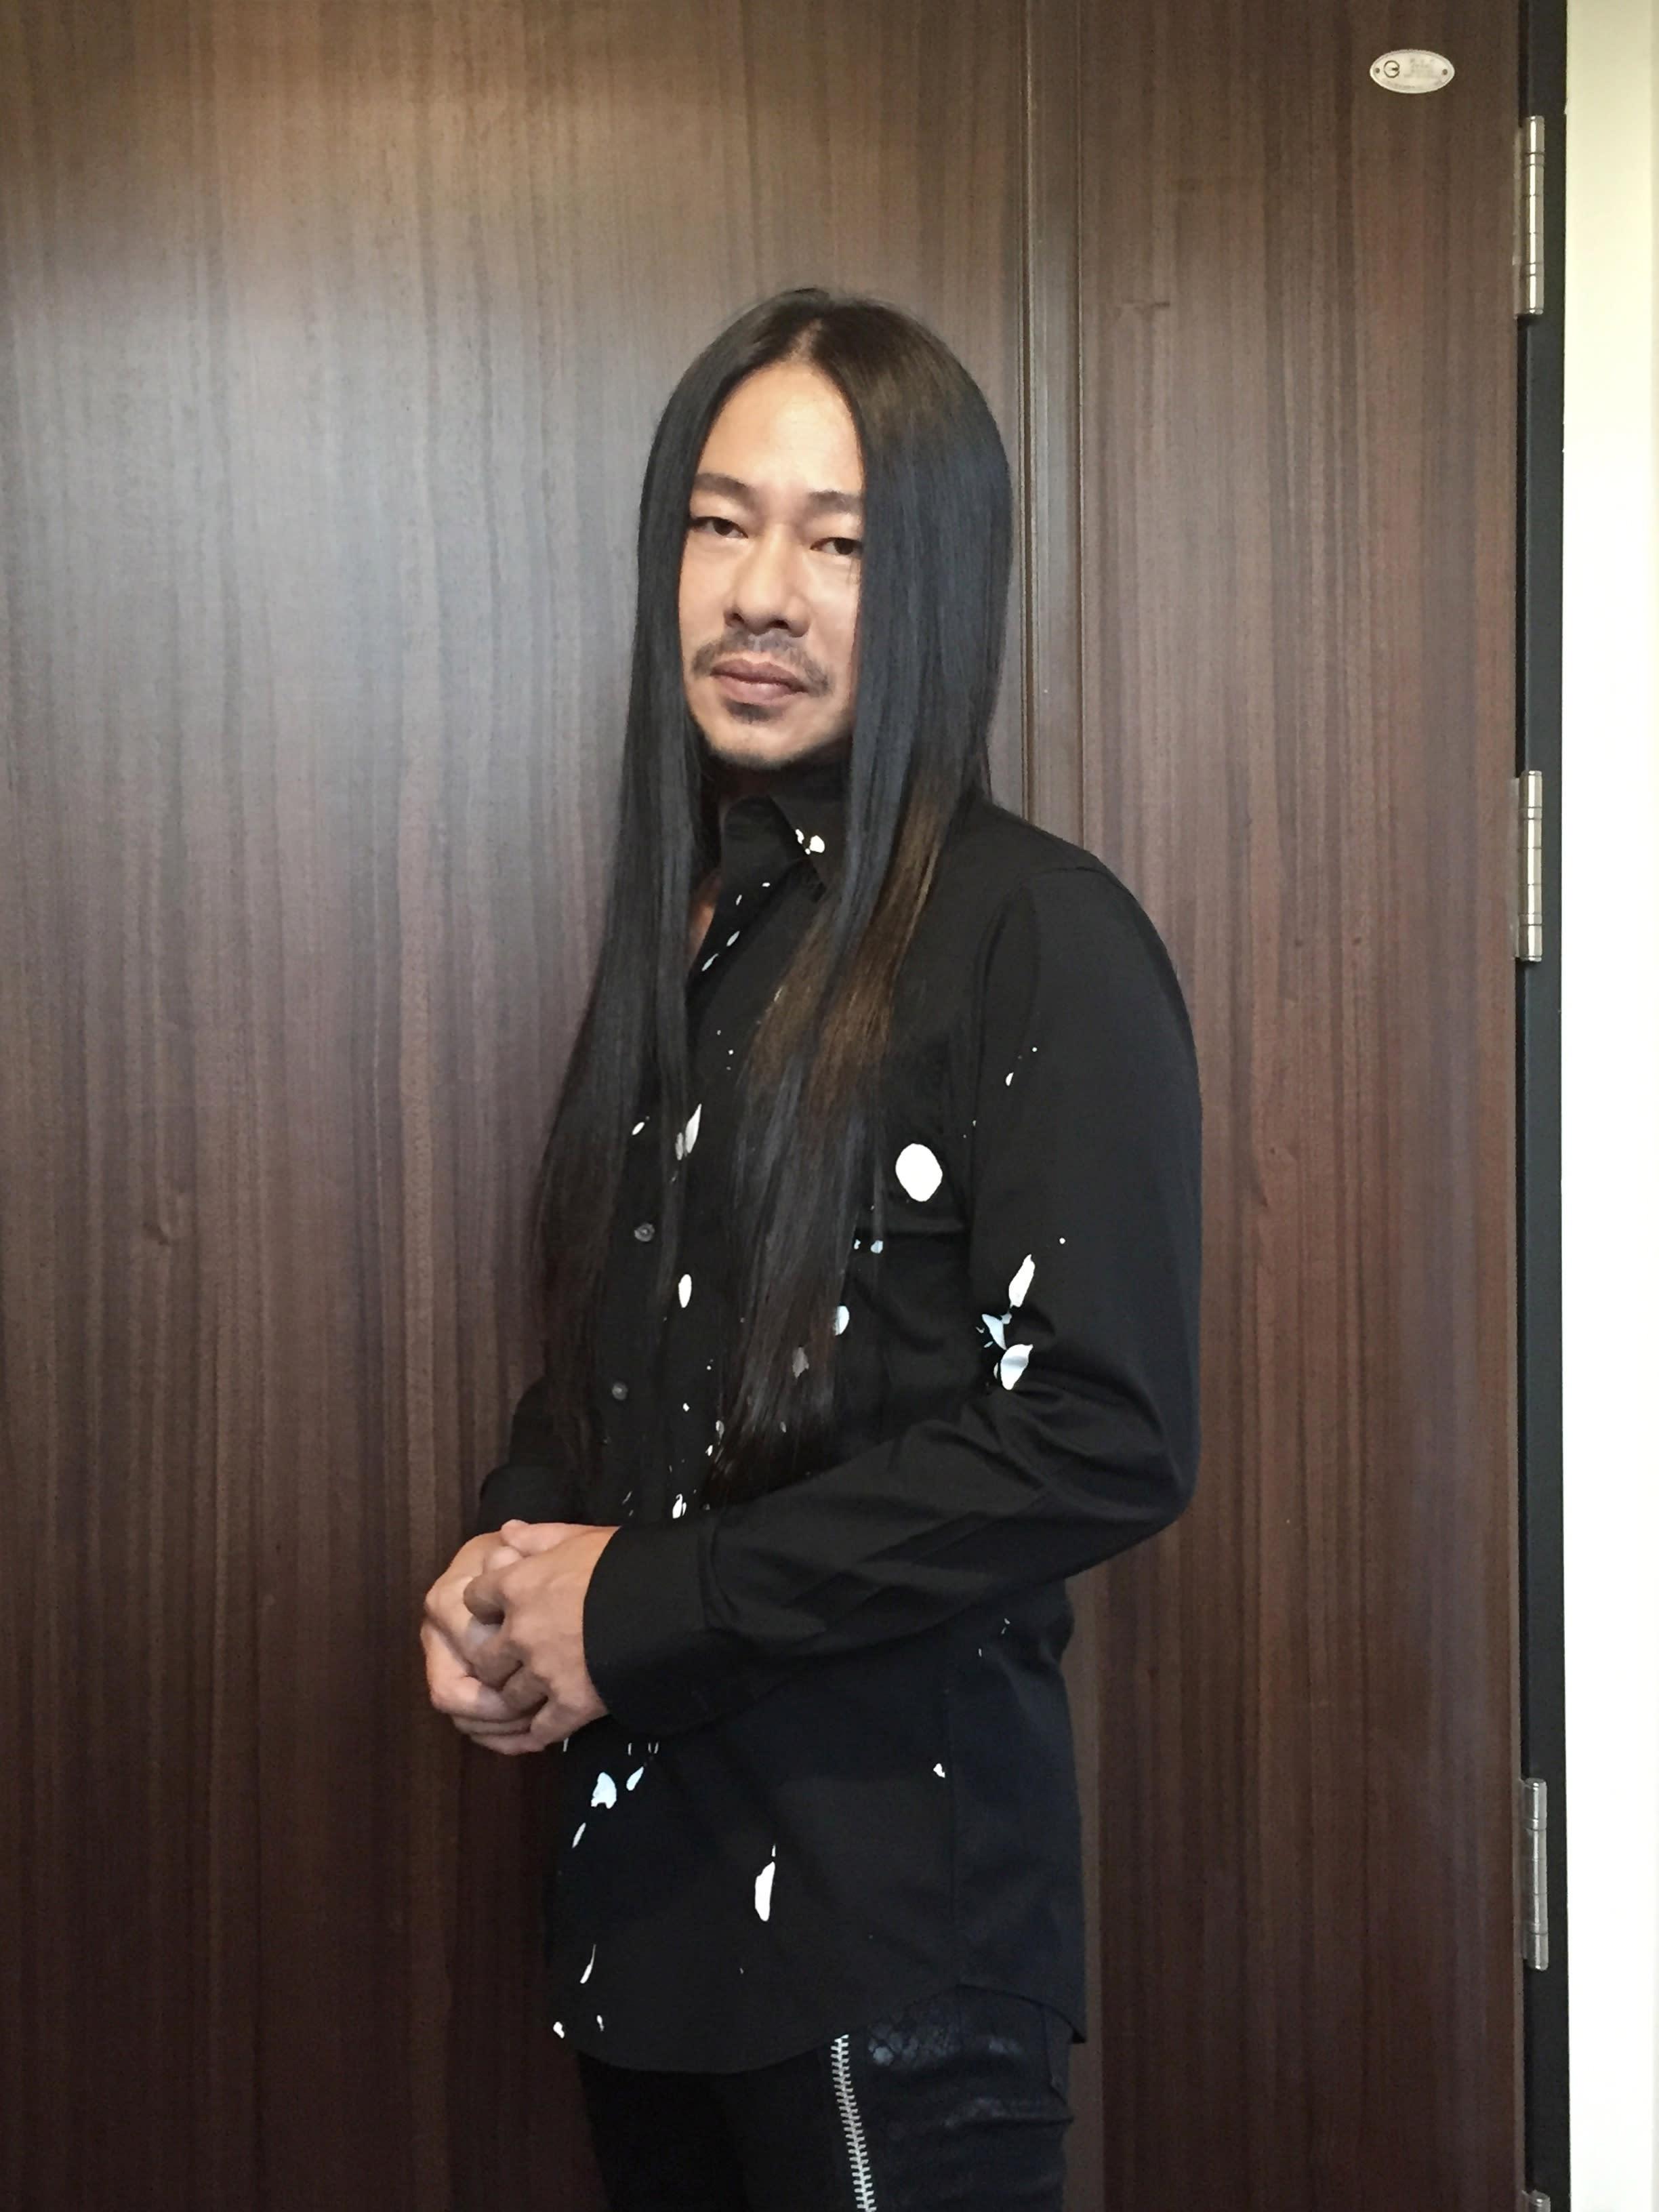 「金曲歌王」乱彈阿翔全運會開幕表演